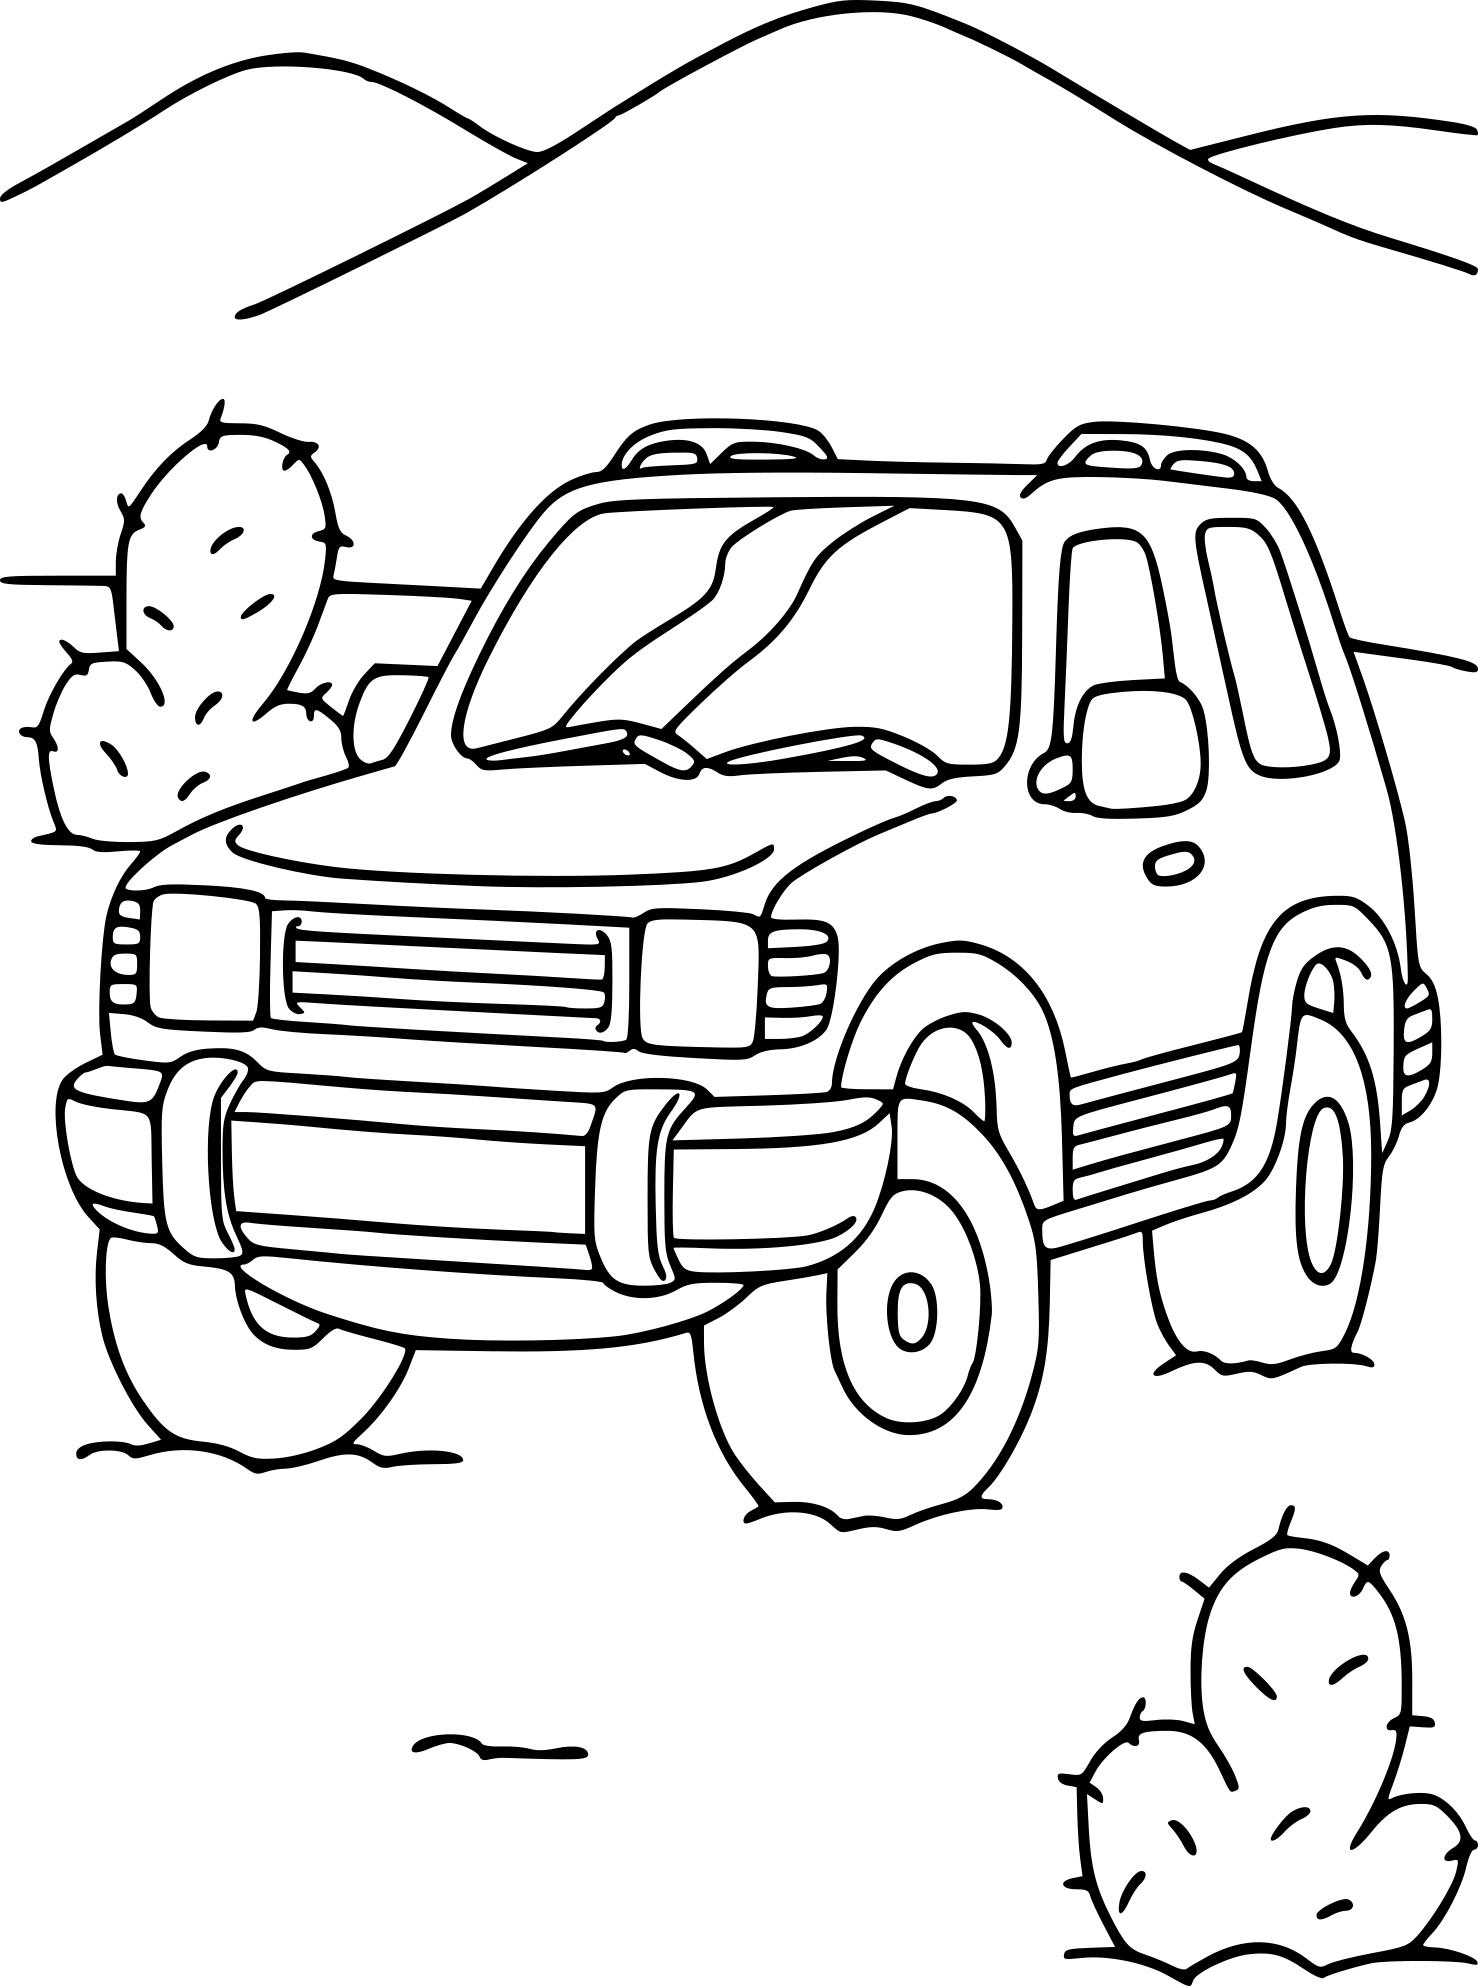 Coloriage 4 4 et dessin imprimer - Dessin de cars a colorier ...